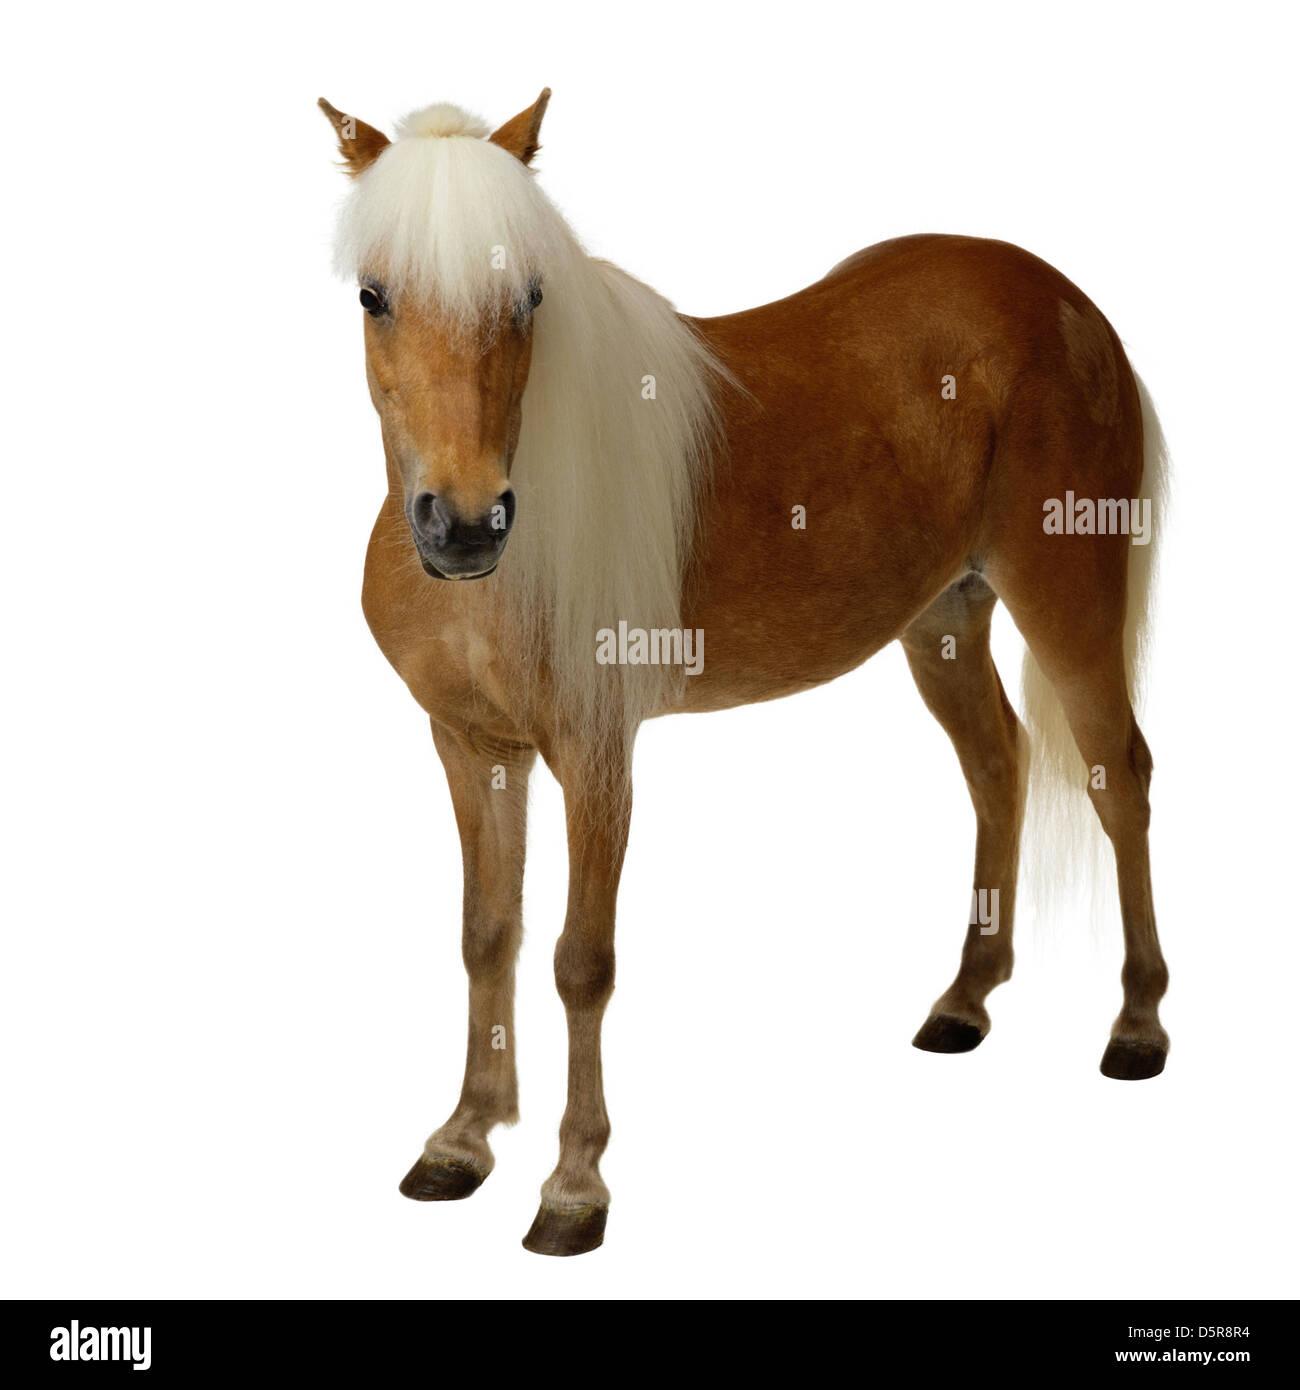 Horse isolated on white - Stock Image